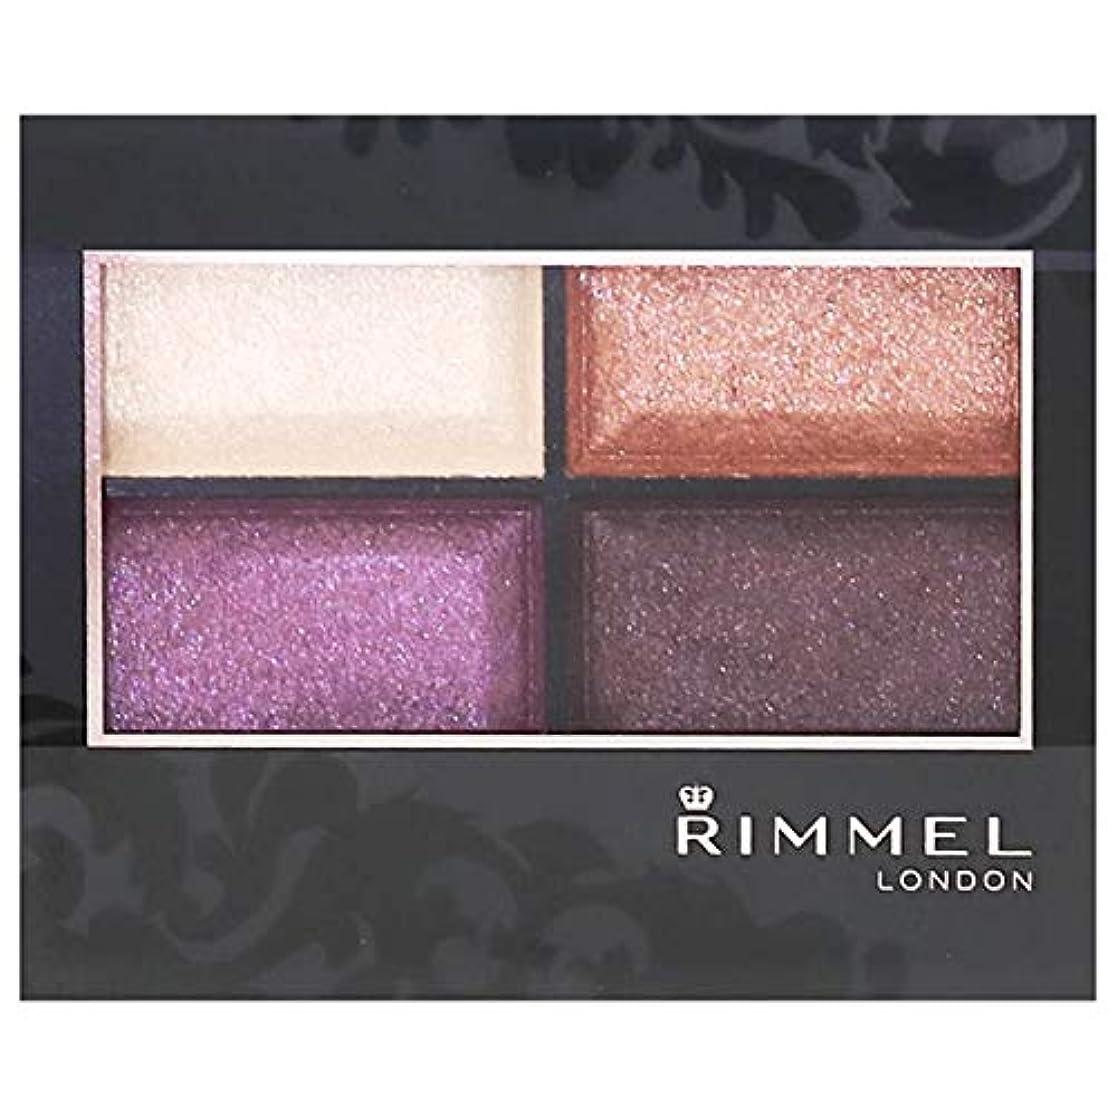 湿原前置詞不公平Rimmel (リンメル) リンメル ロイヤルヴィンテージ アイズ 015 スモーキーアメジスト 4.1g アイシャドウ